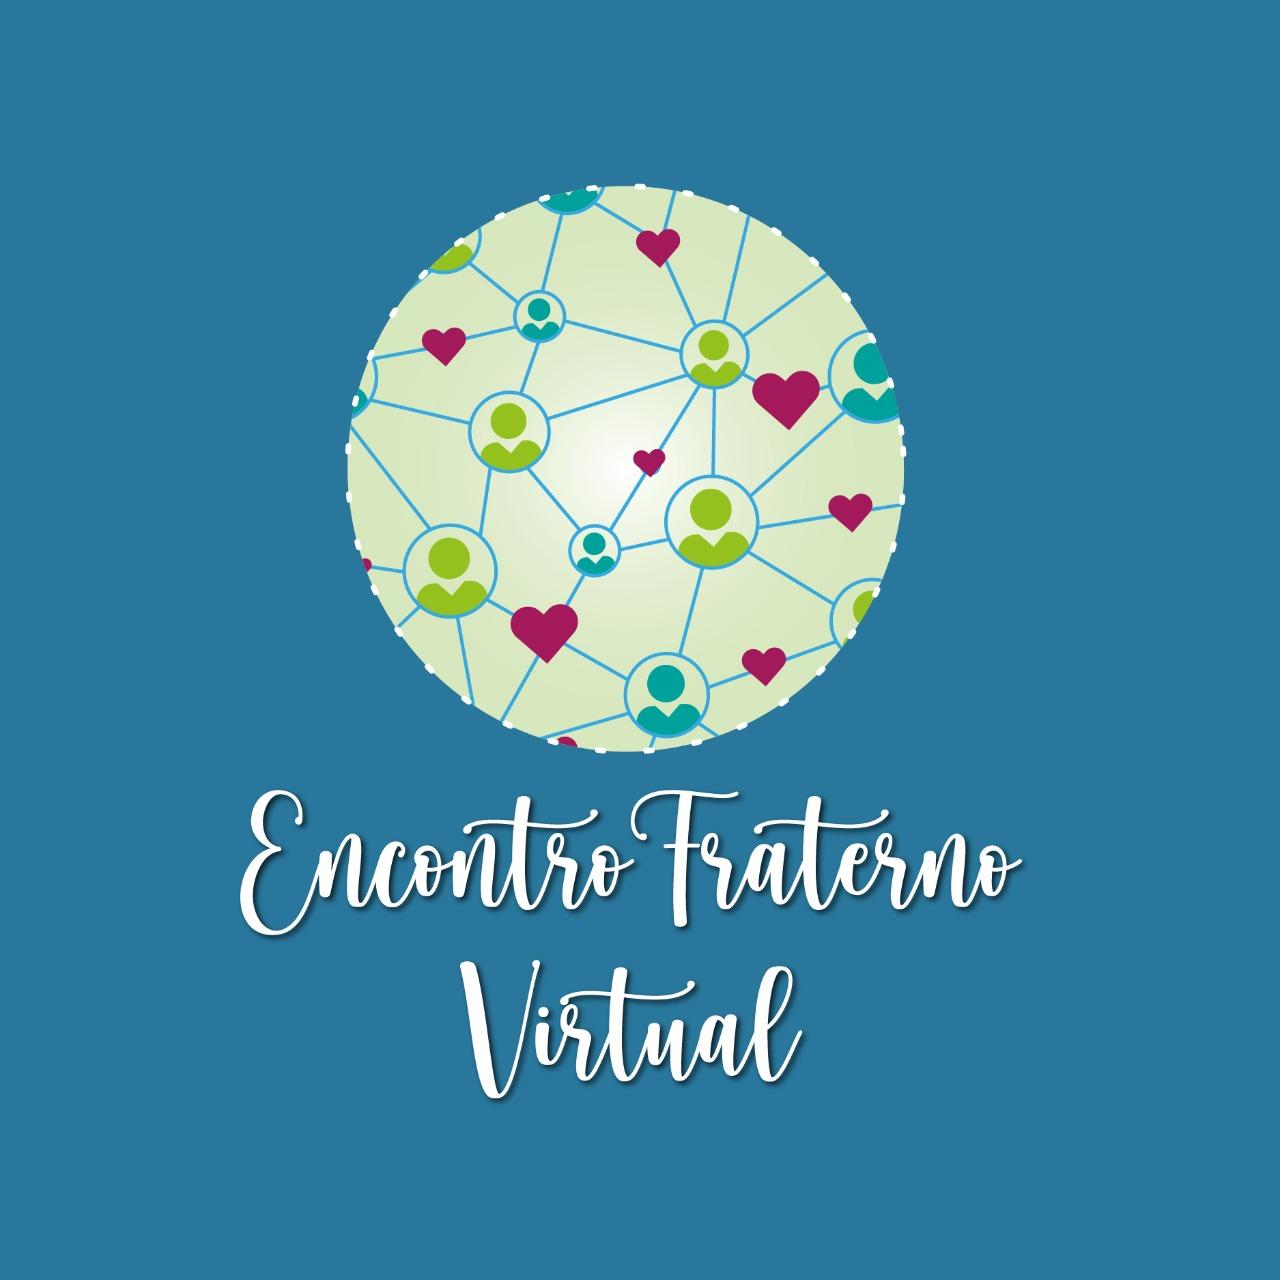 Encontro Fraterno Virtual: uma nova possibilidade de acolhimento remoto pela Feig